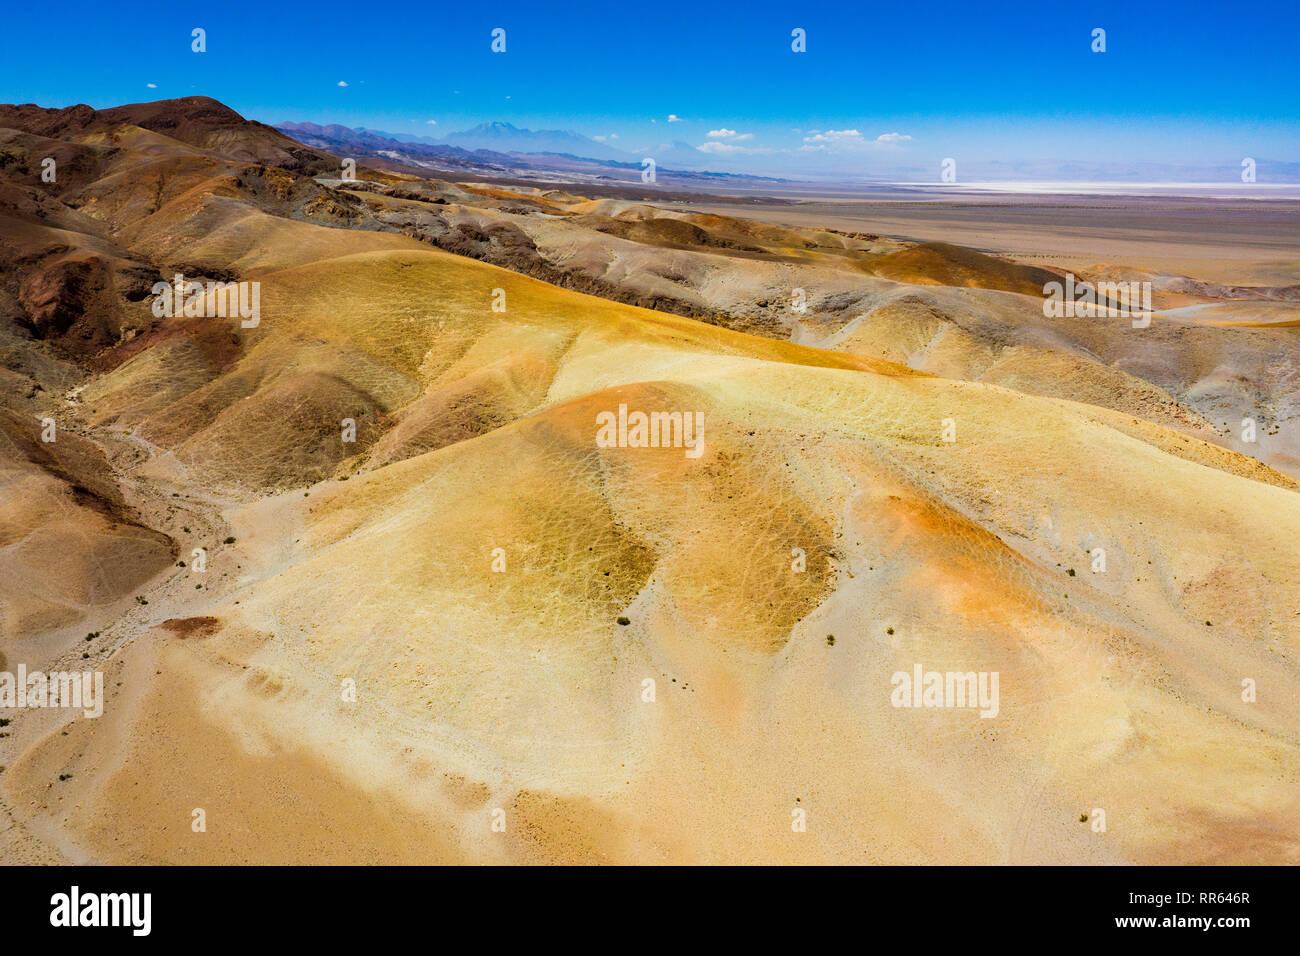 Luftaufnahme der mineralienhaltigen Erdoberflaeche der Atacama Wueste. - Stock Image